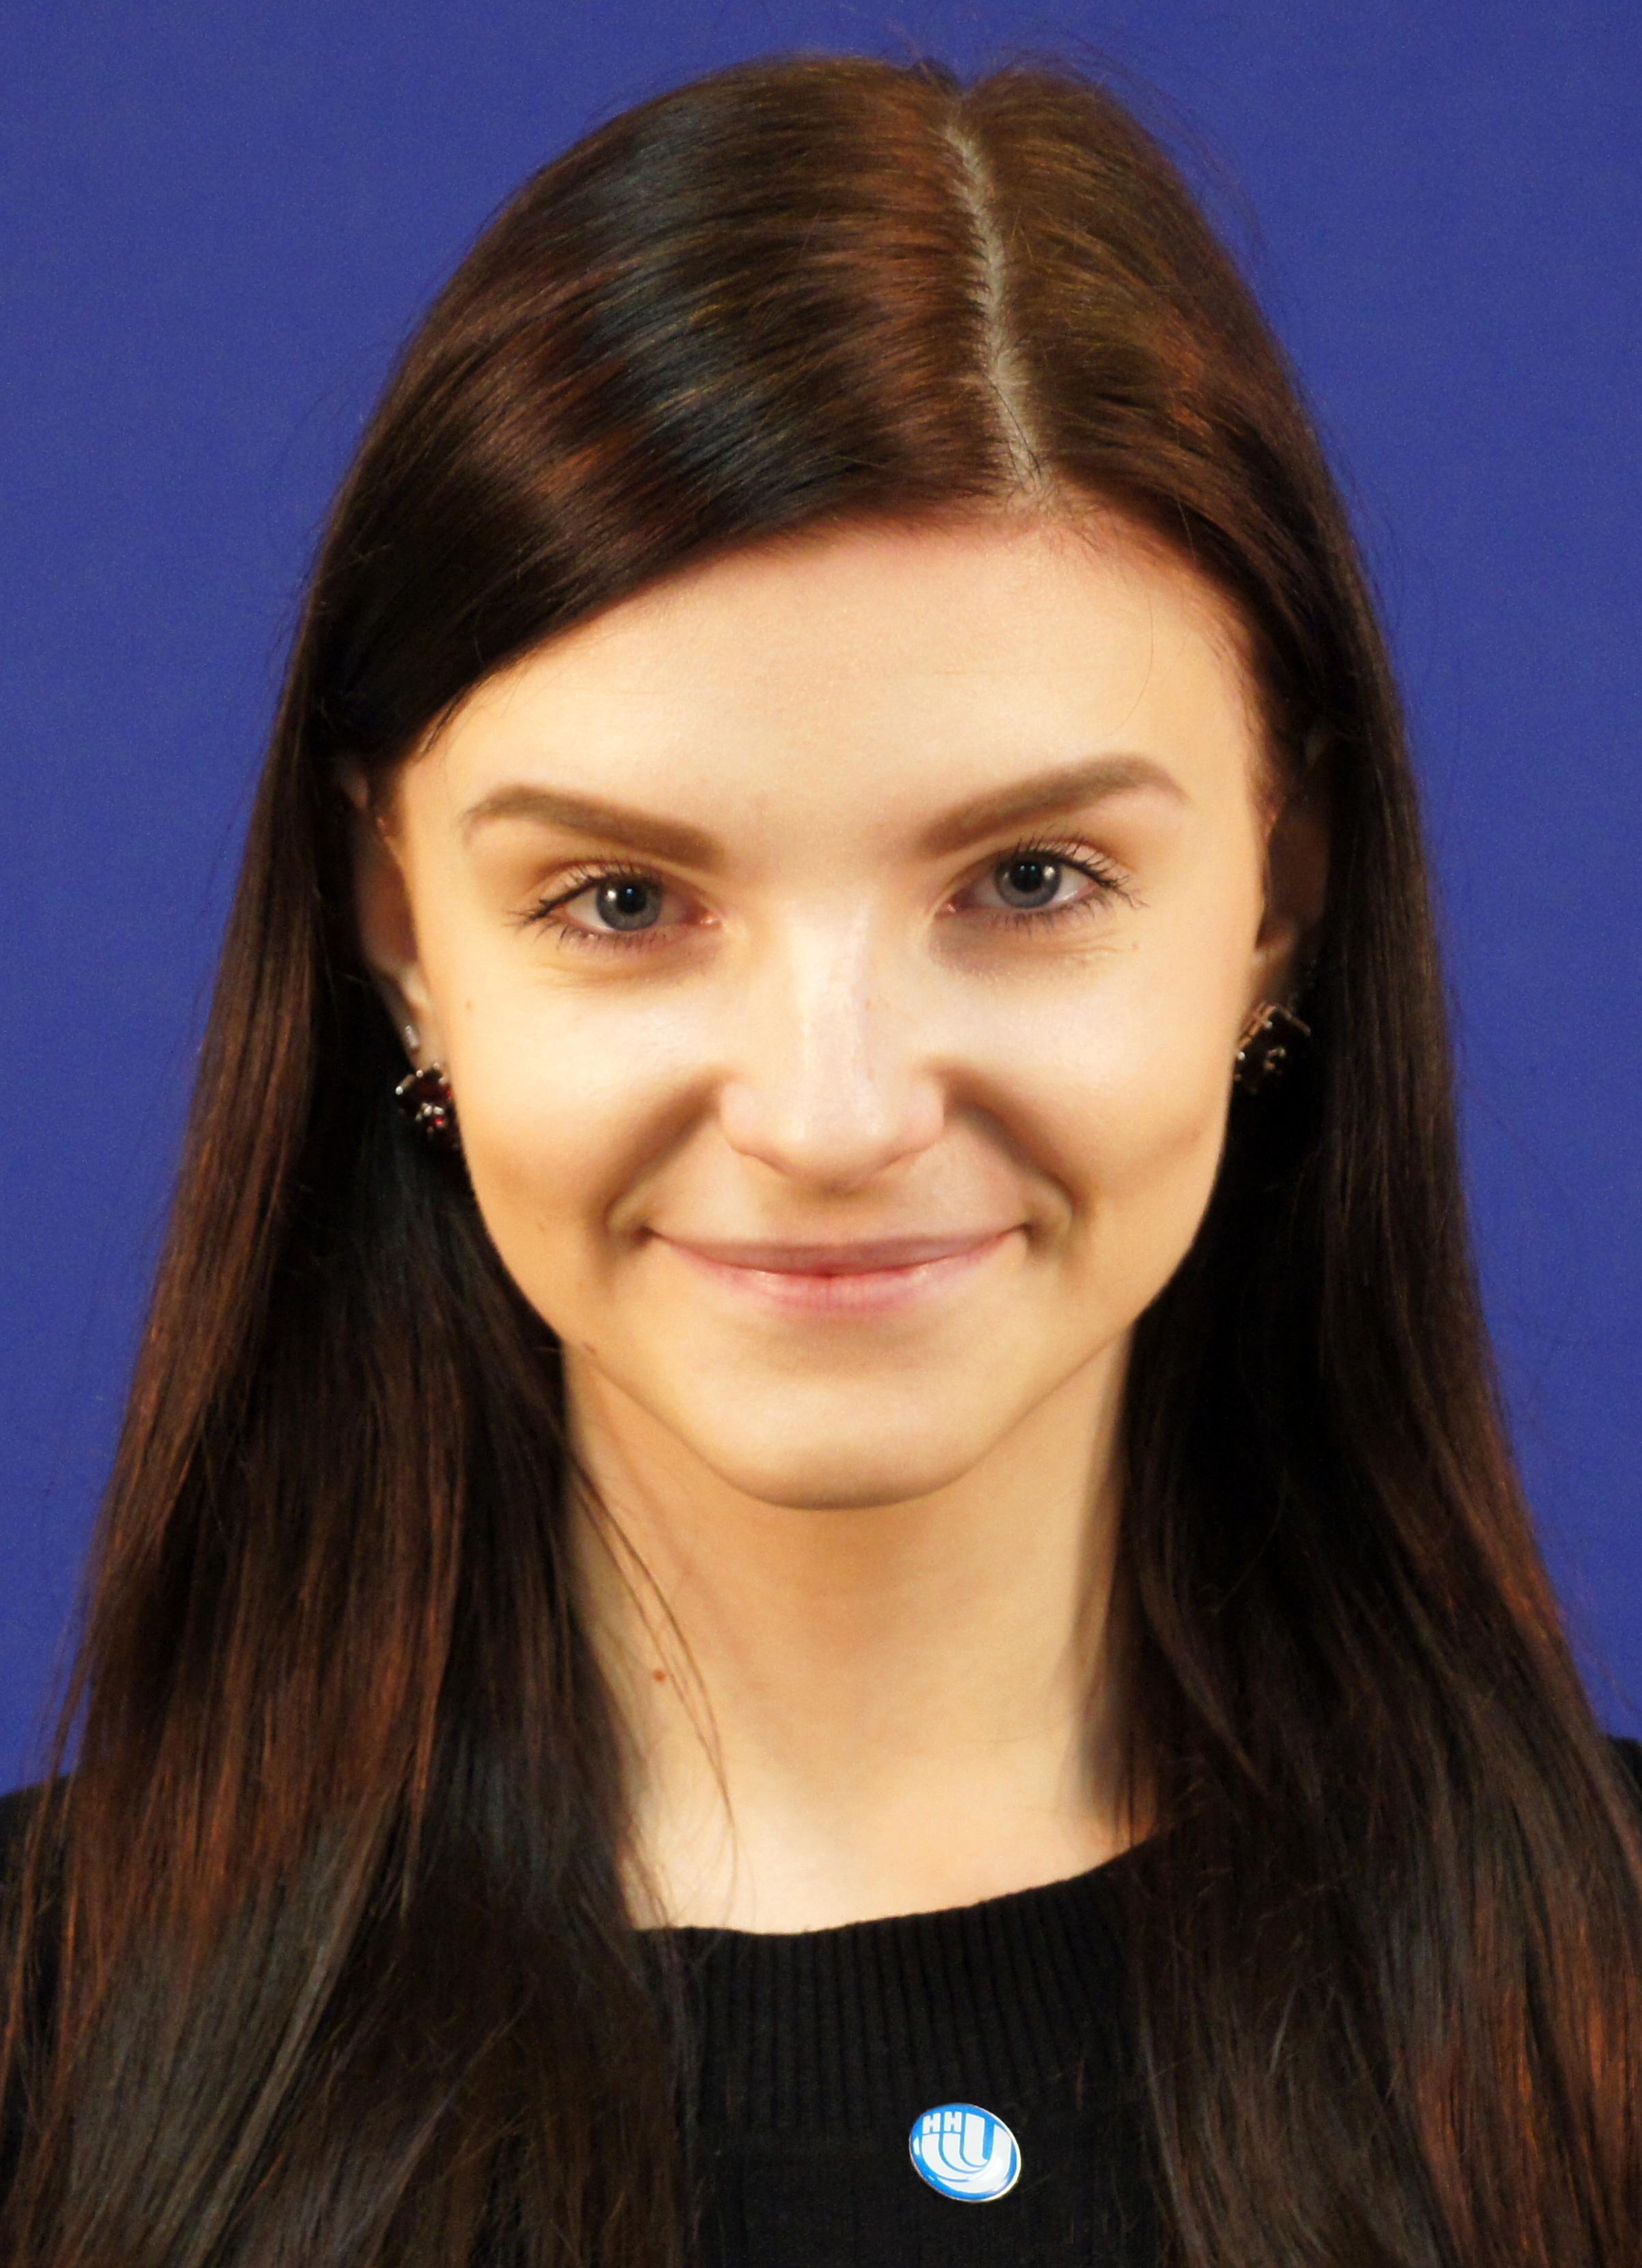 Рулёва Екатерина Евгеньевна